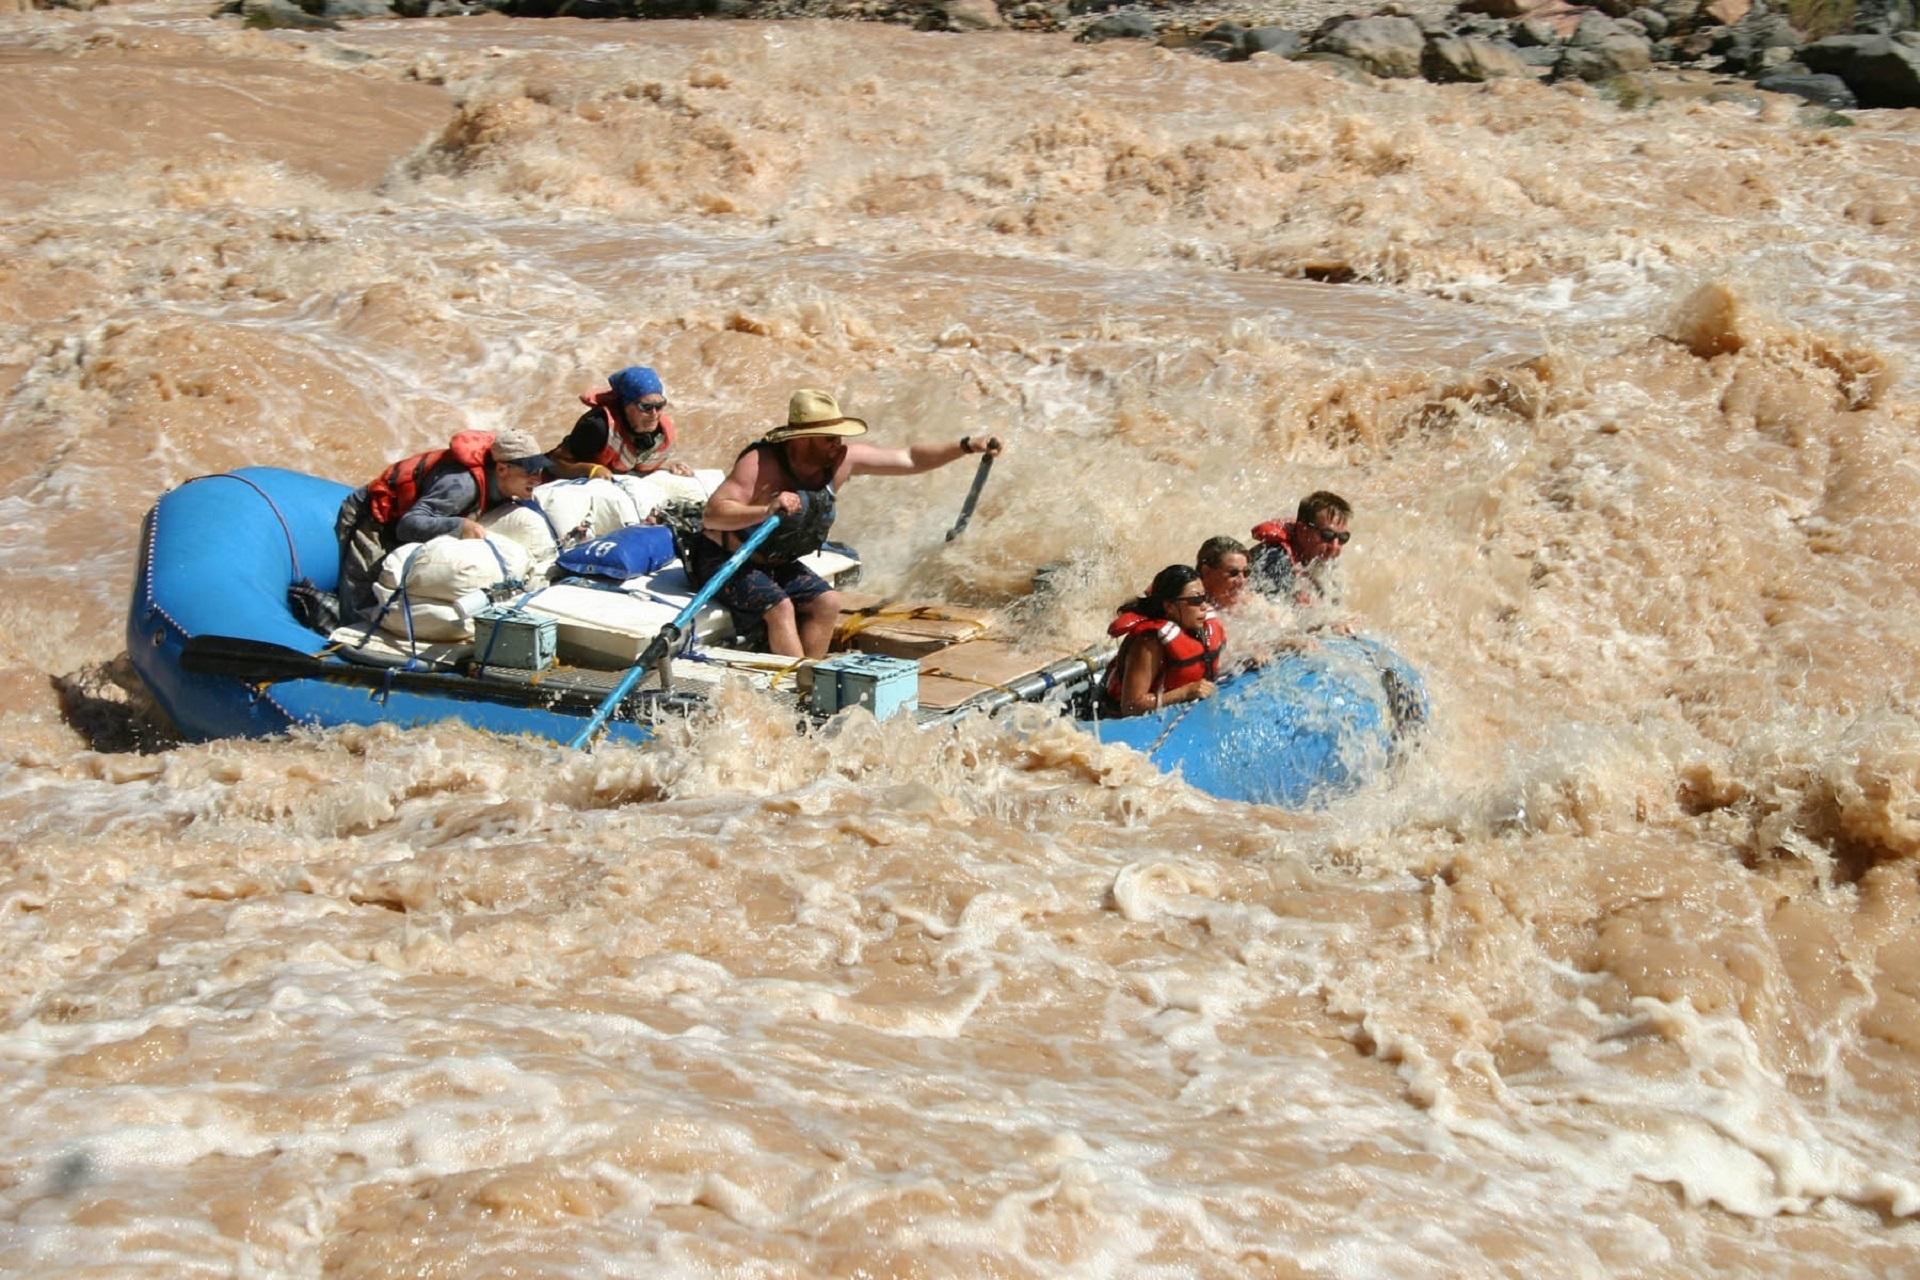 川, 高速, ラフティング, コロラド川, リスク - HD の壁紙 - 教授-falken.com